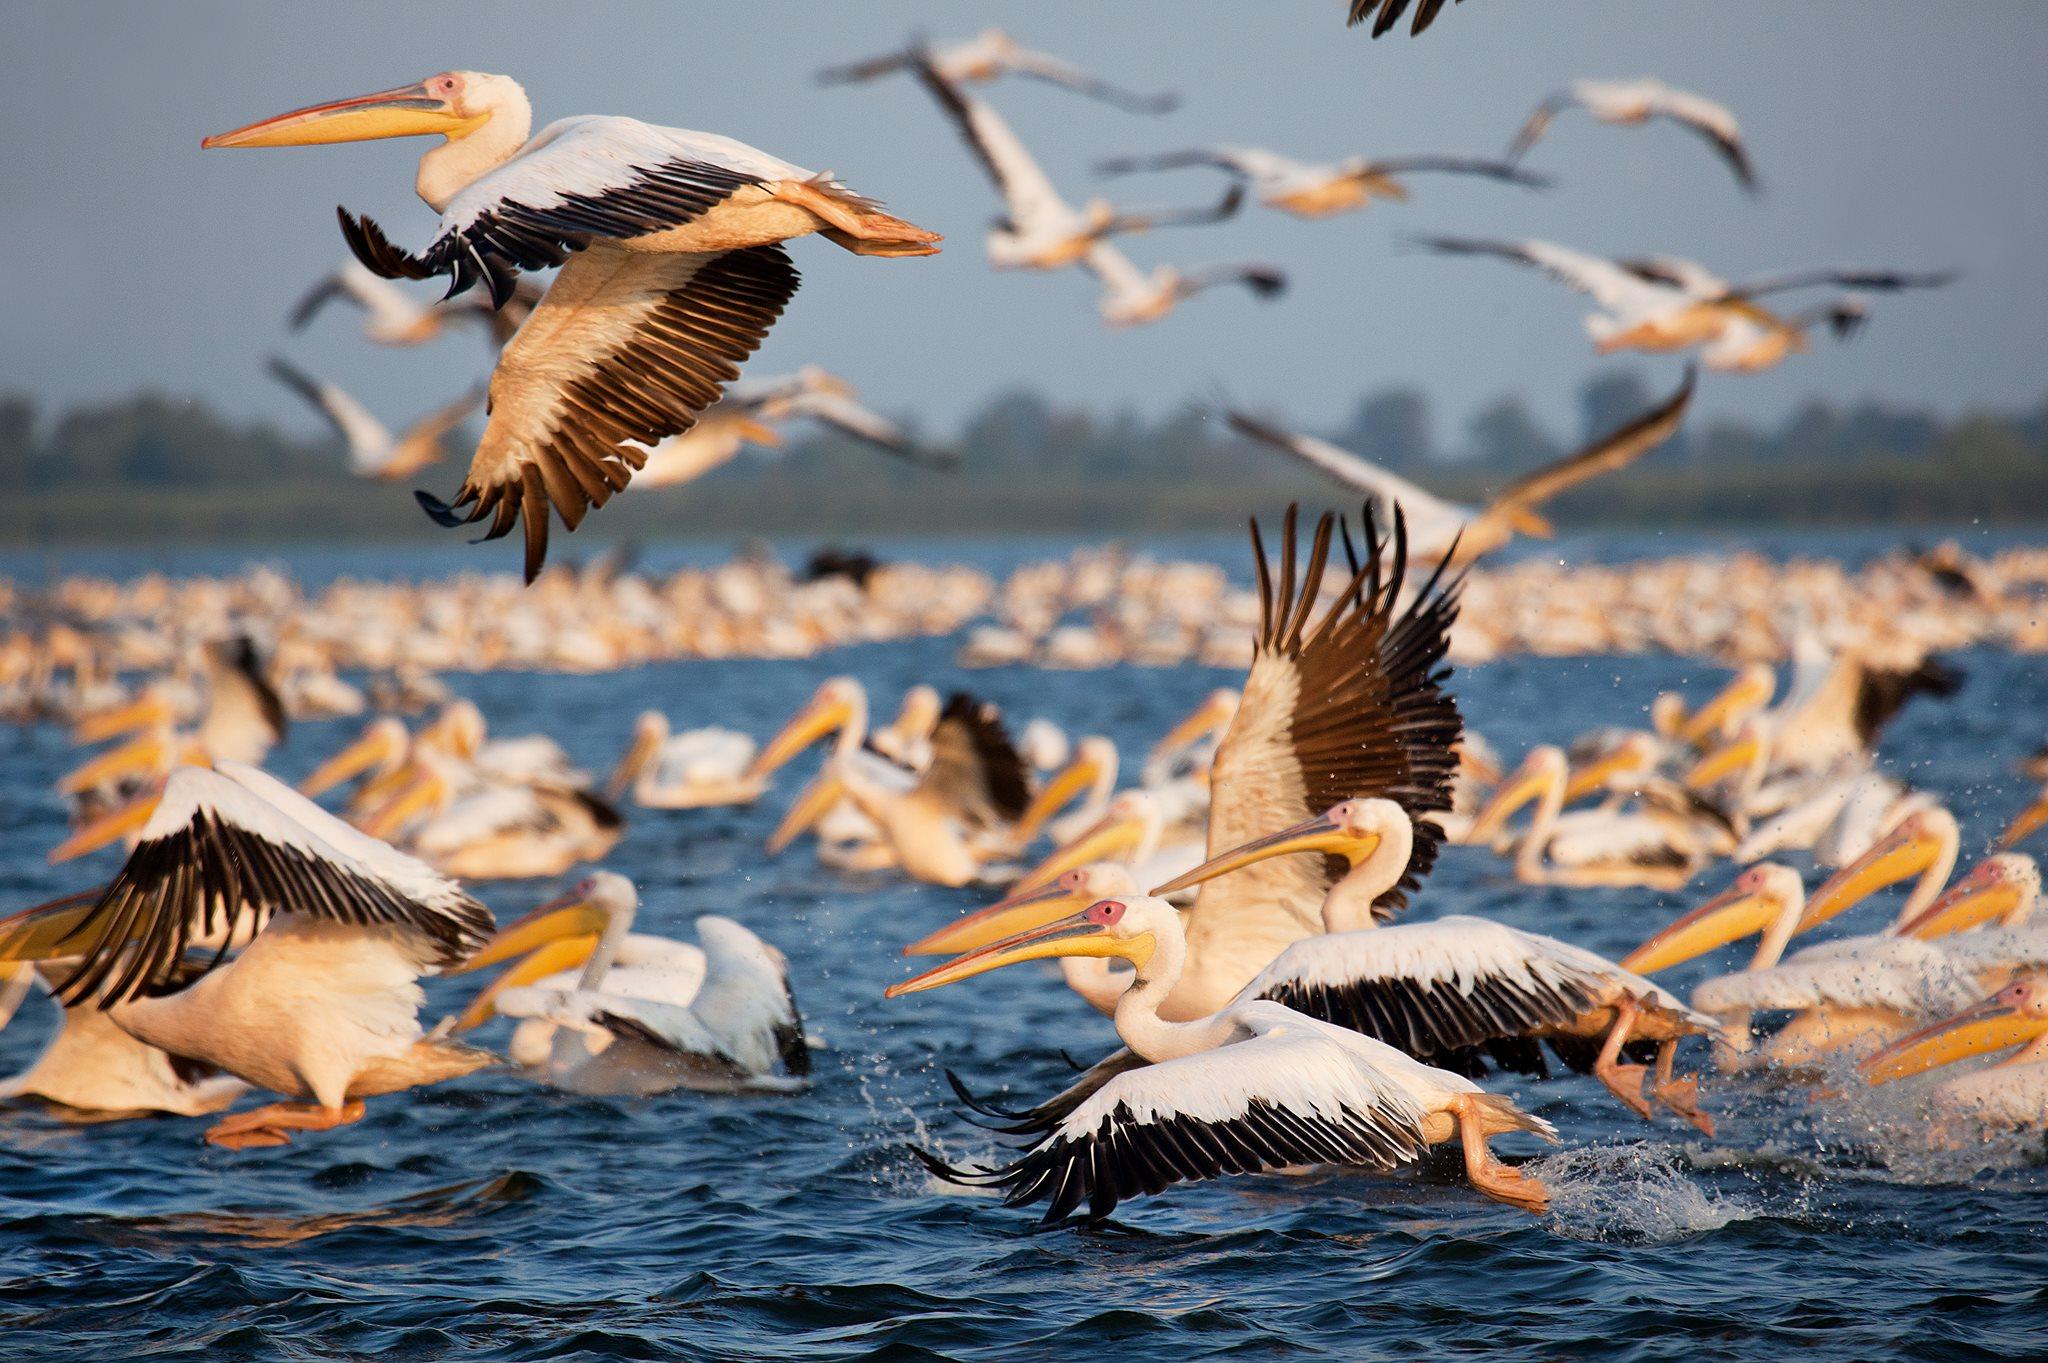 Pelicans Danube Delta